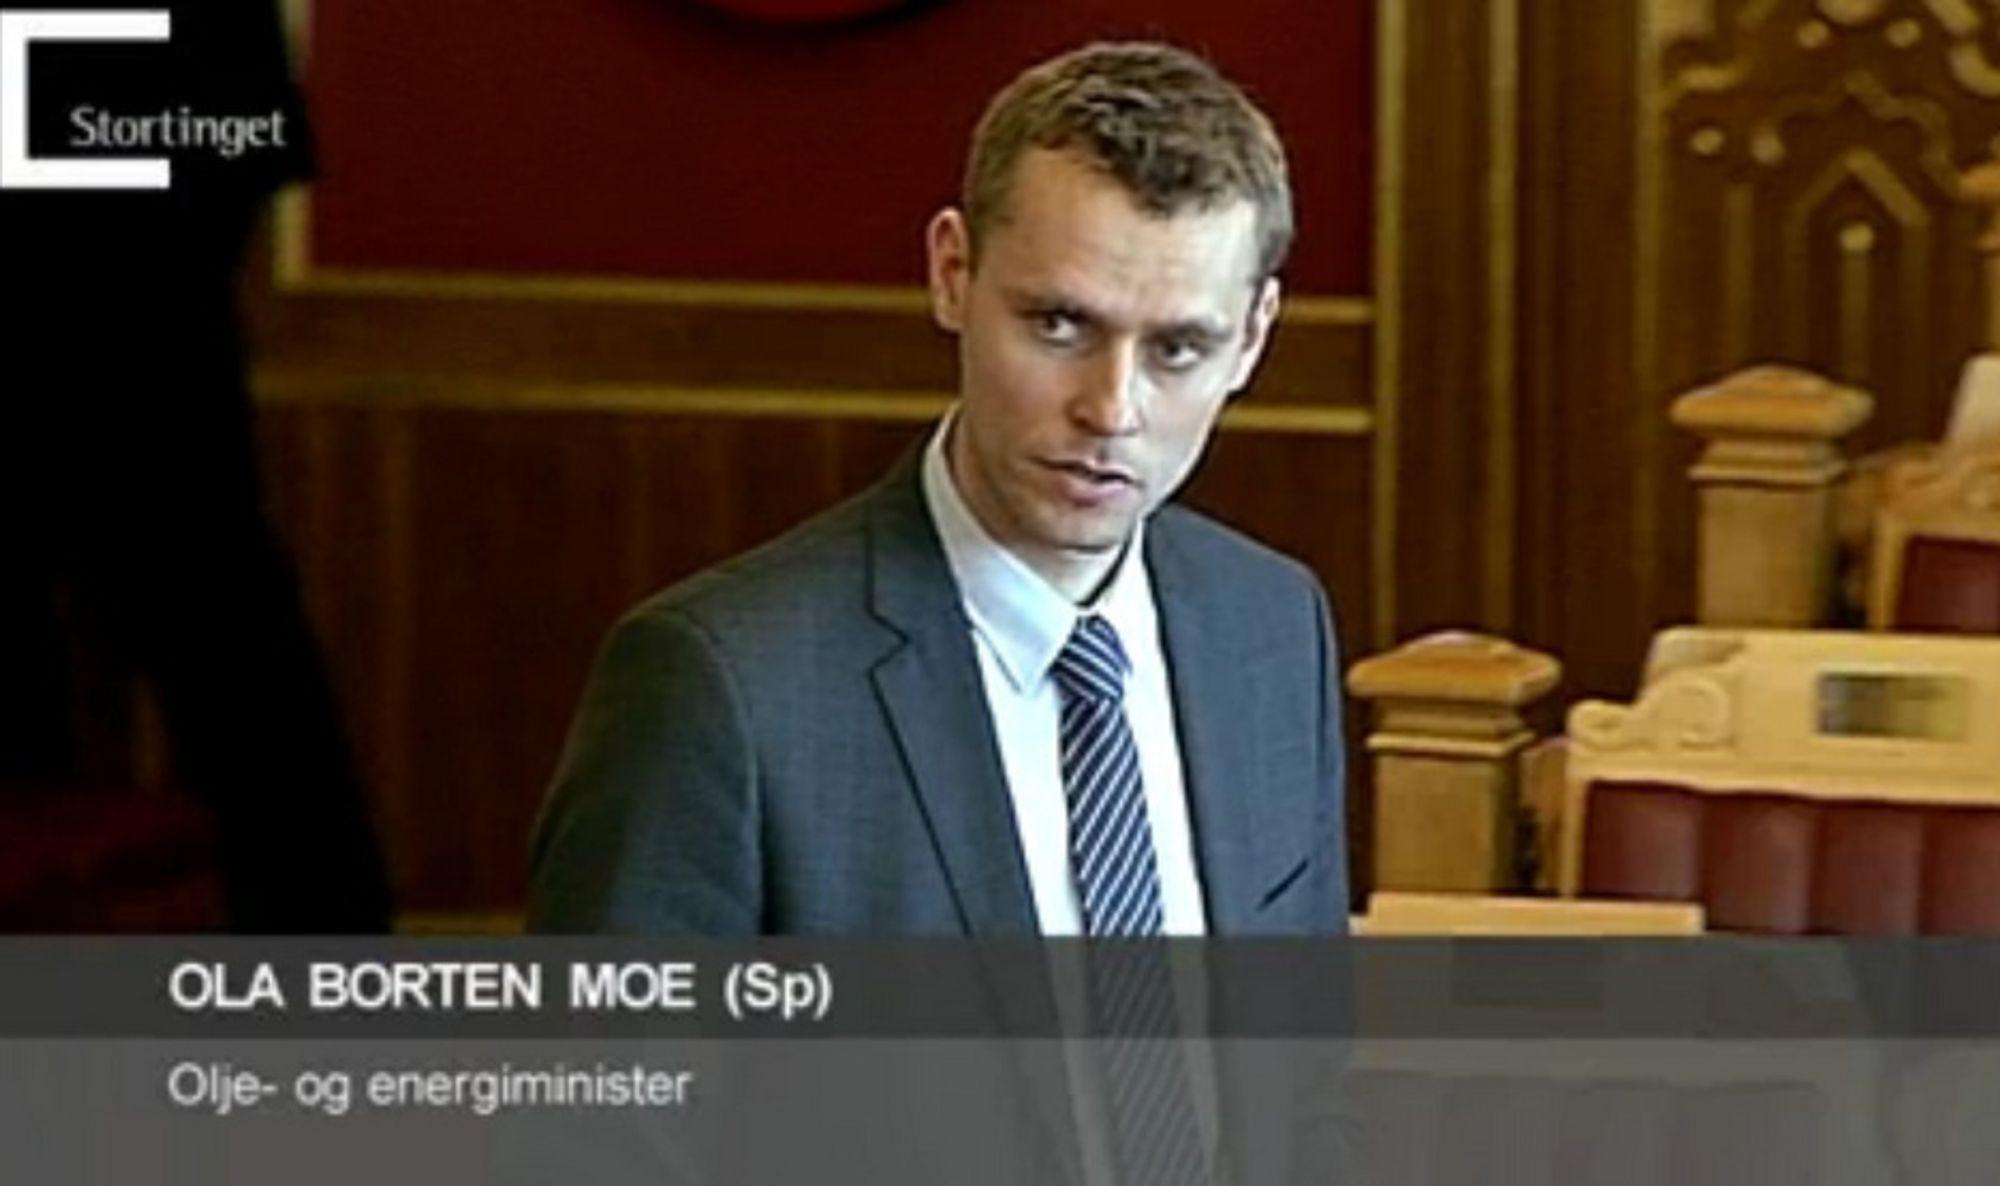 SERTIFIKATLOVEN VEDTATT: Energiminister Ola Borten Moe (Sp) fikk vedtatt sitt forslag til lov om elsertifikater i Stortinget i går.